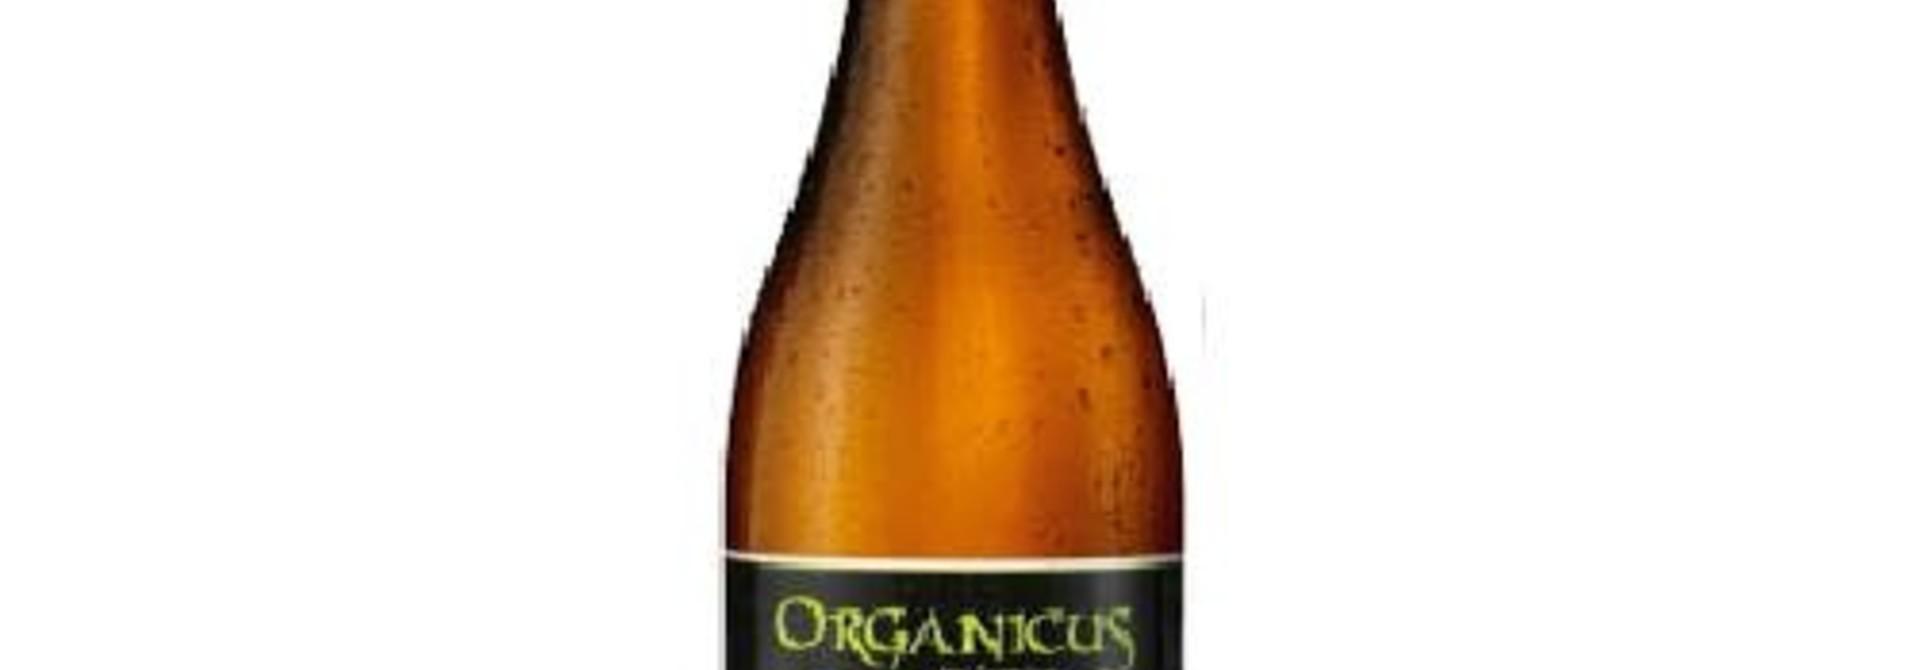 LUPULUS ORGANICUS BIO 75CL